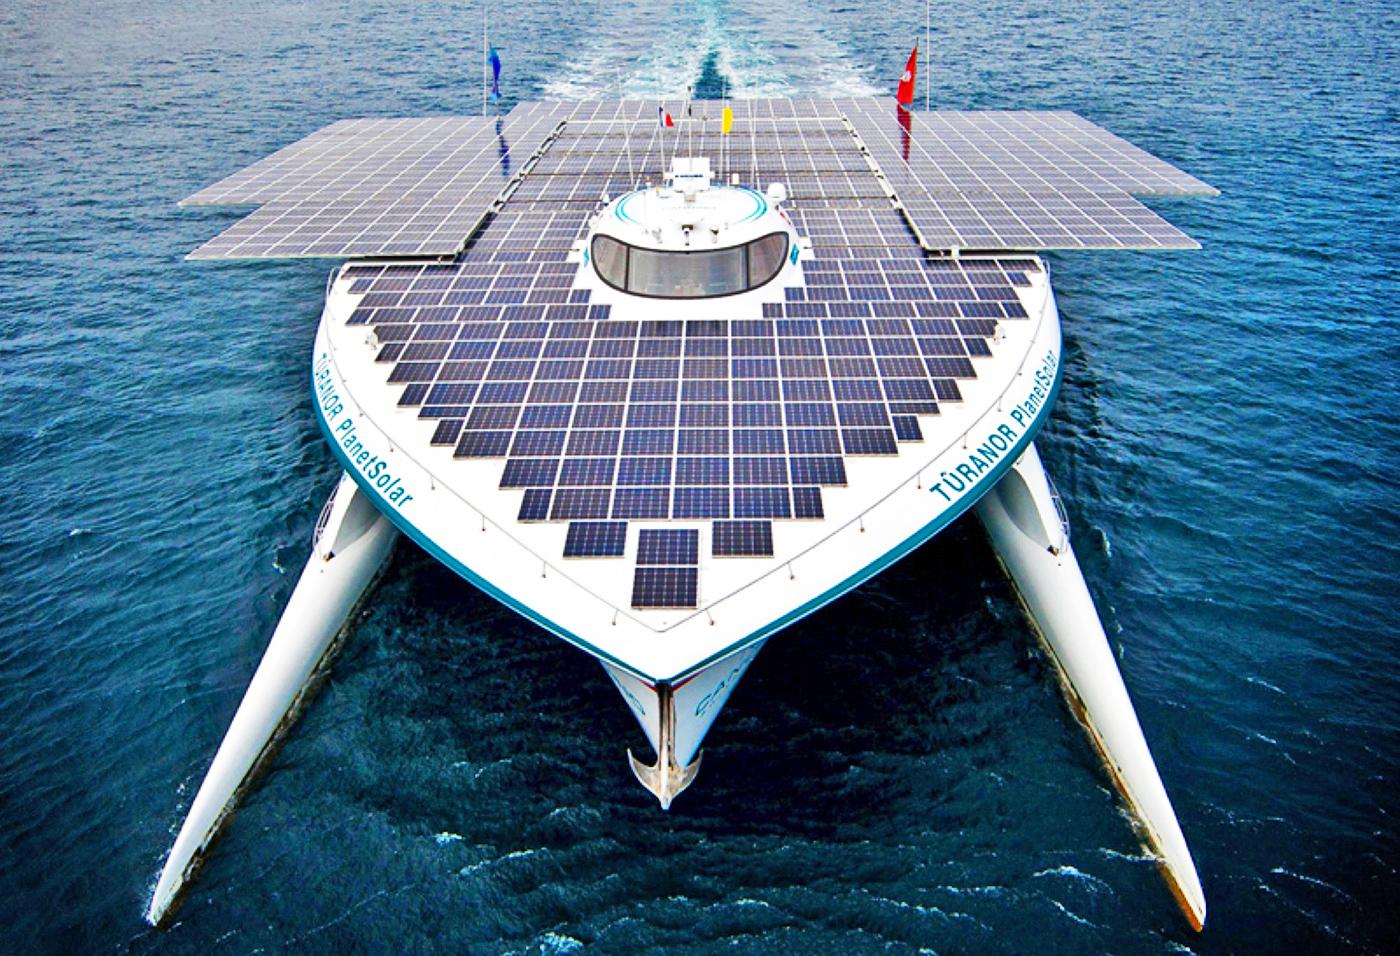 Six sun-powered ships